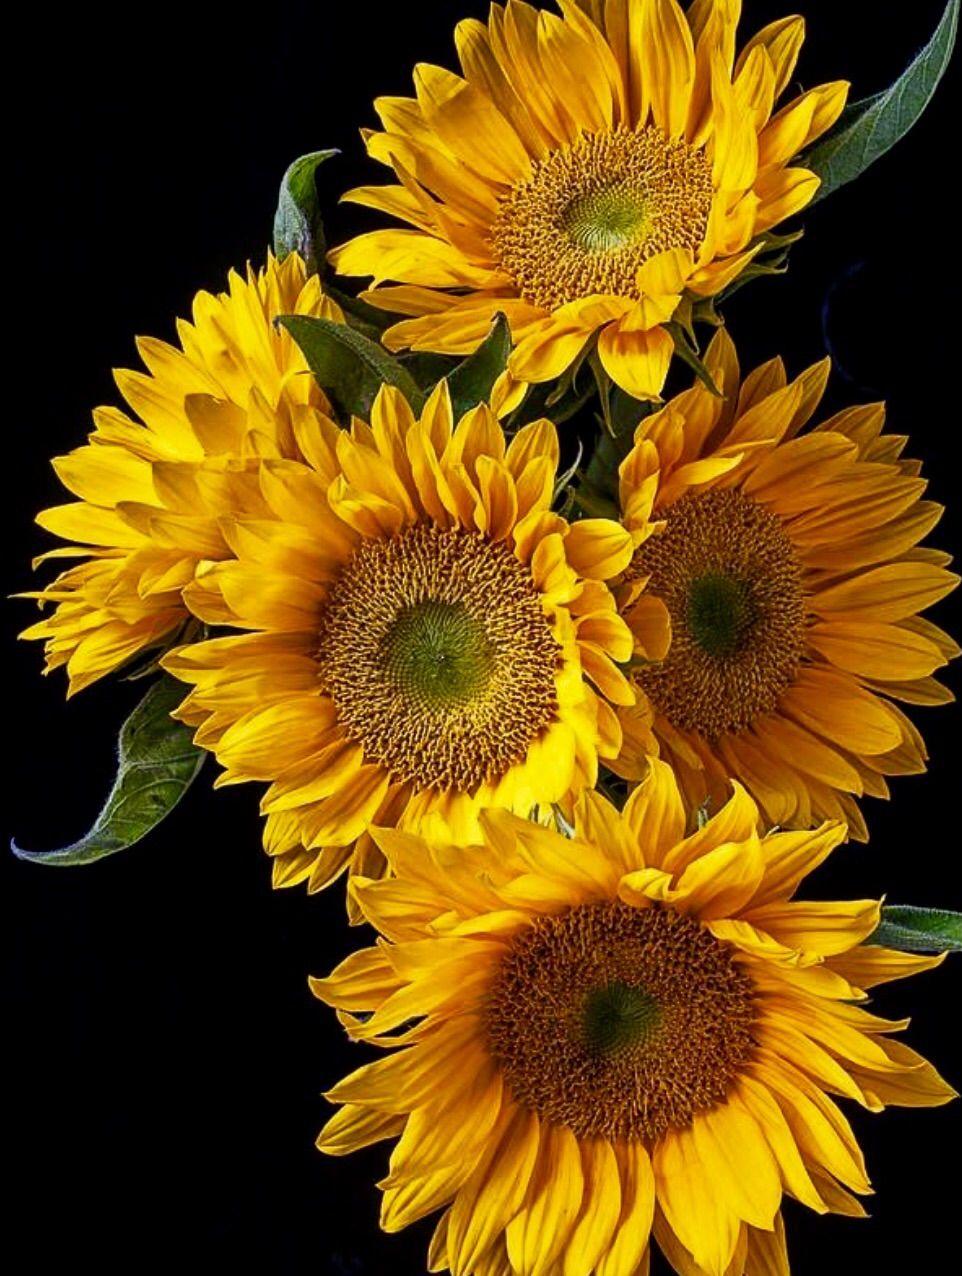 Sunflowers | Fabulous Florals I | Pinterest